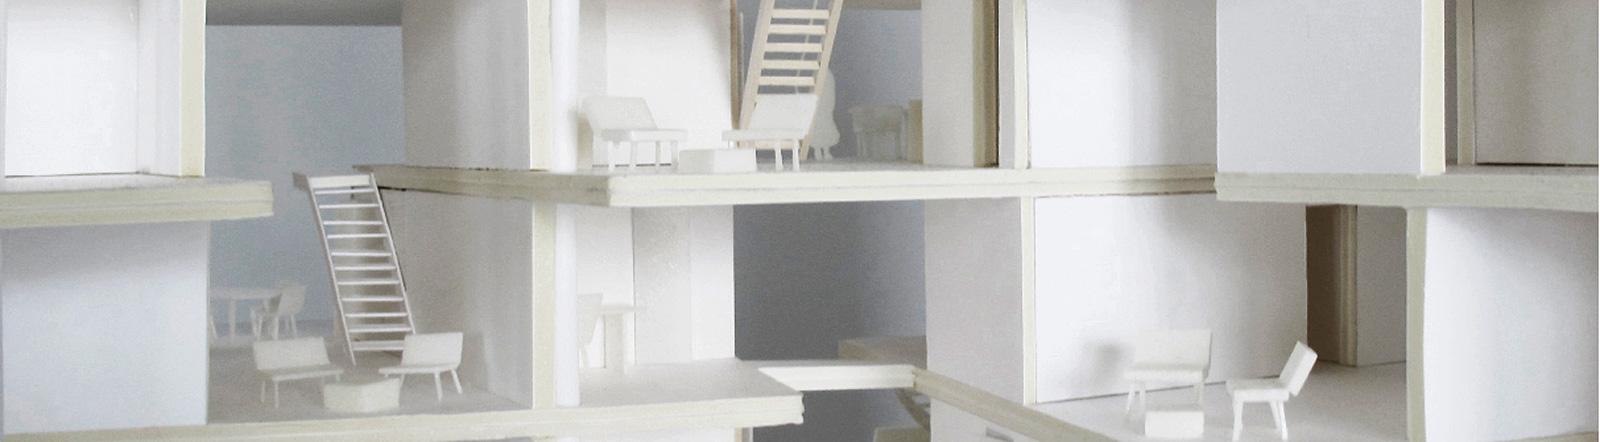 Modell eines Hauses mit vielen Ebenen.